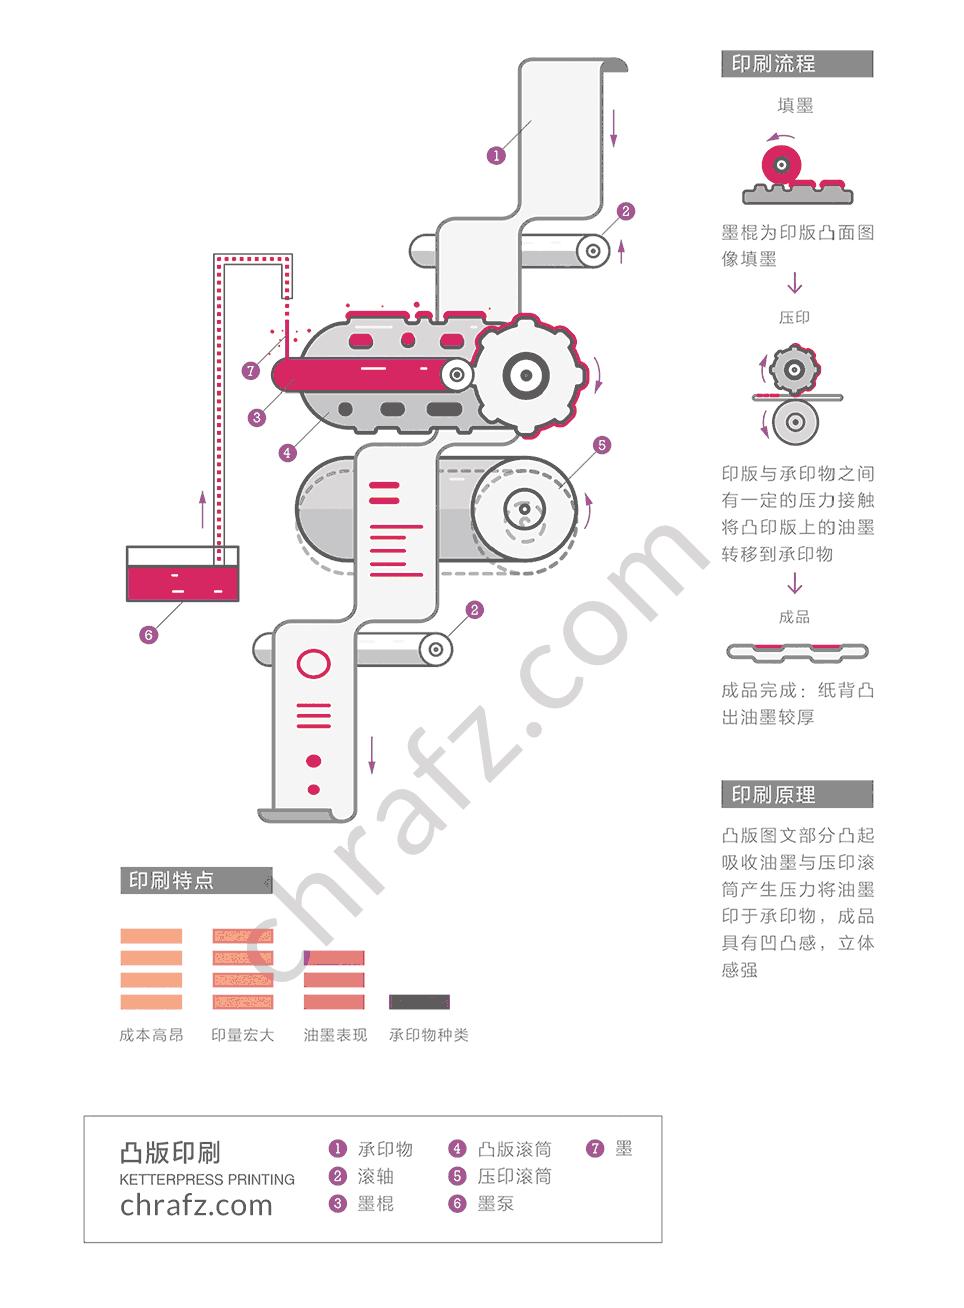 凸版印刷的工艺流程及原理-设计